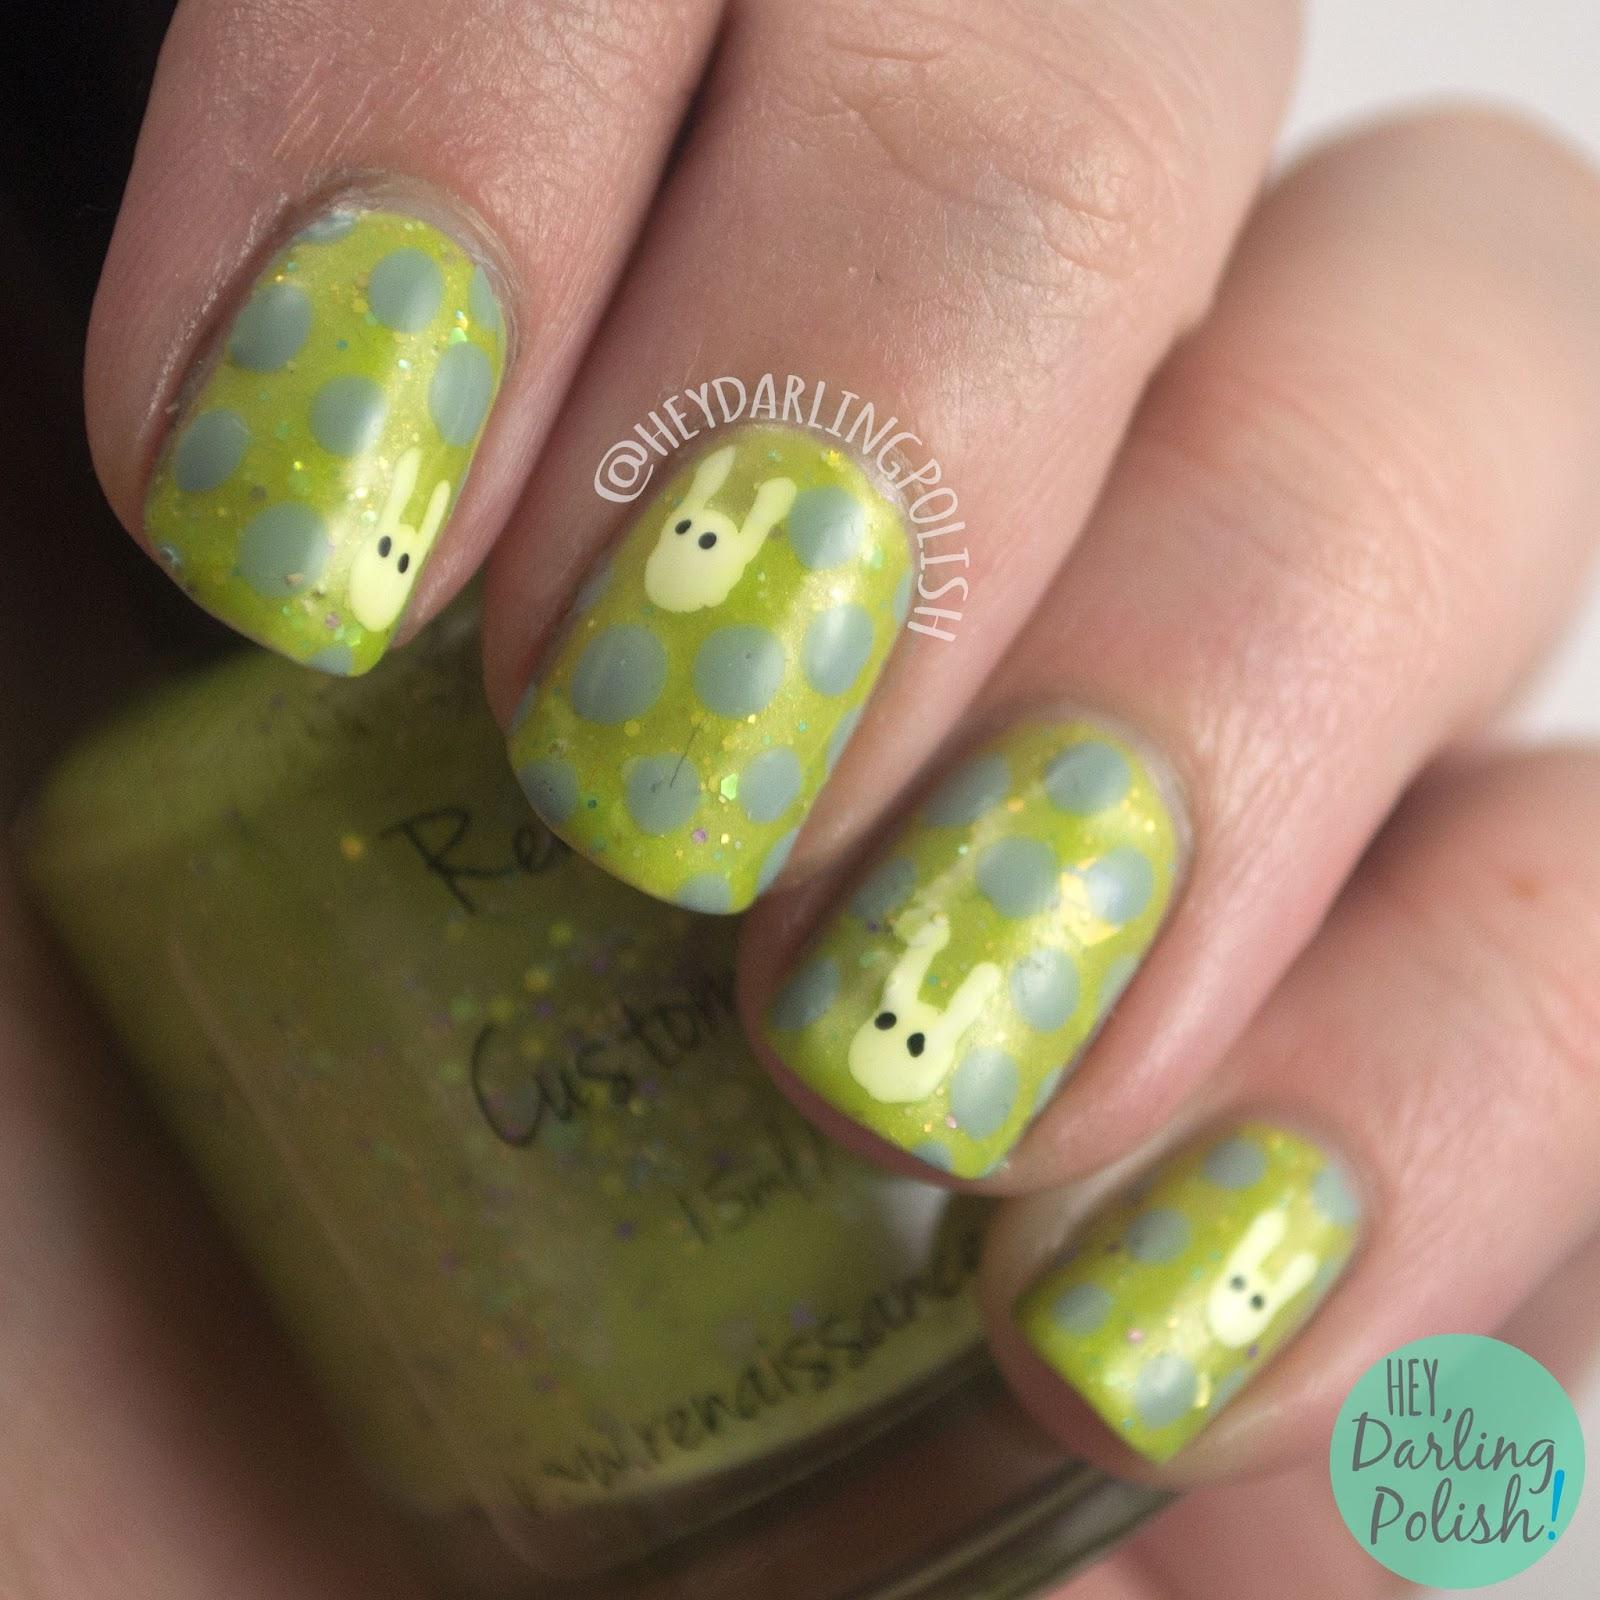 nails, nail art, nail polish, hey darling polish, easter, bunnies, nail linkup, polka dots, indie polish,